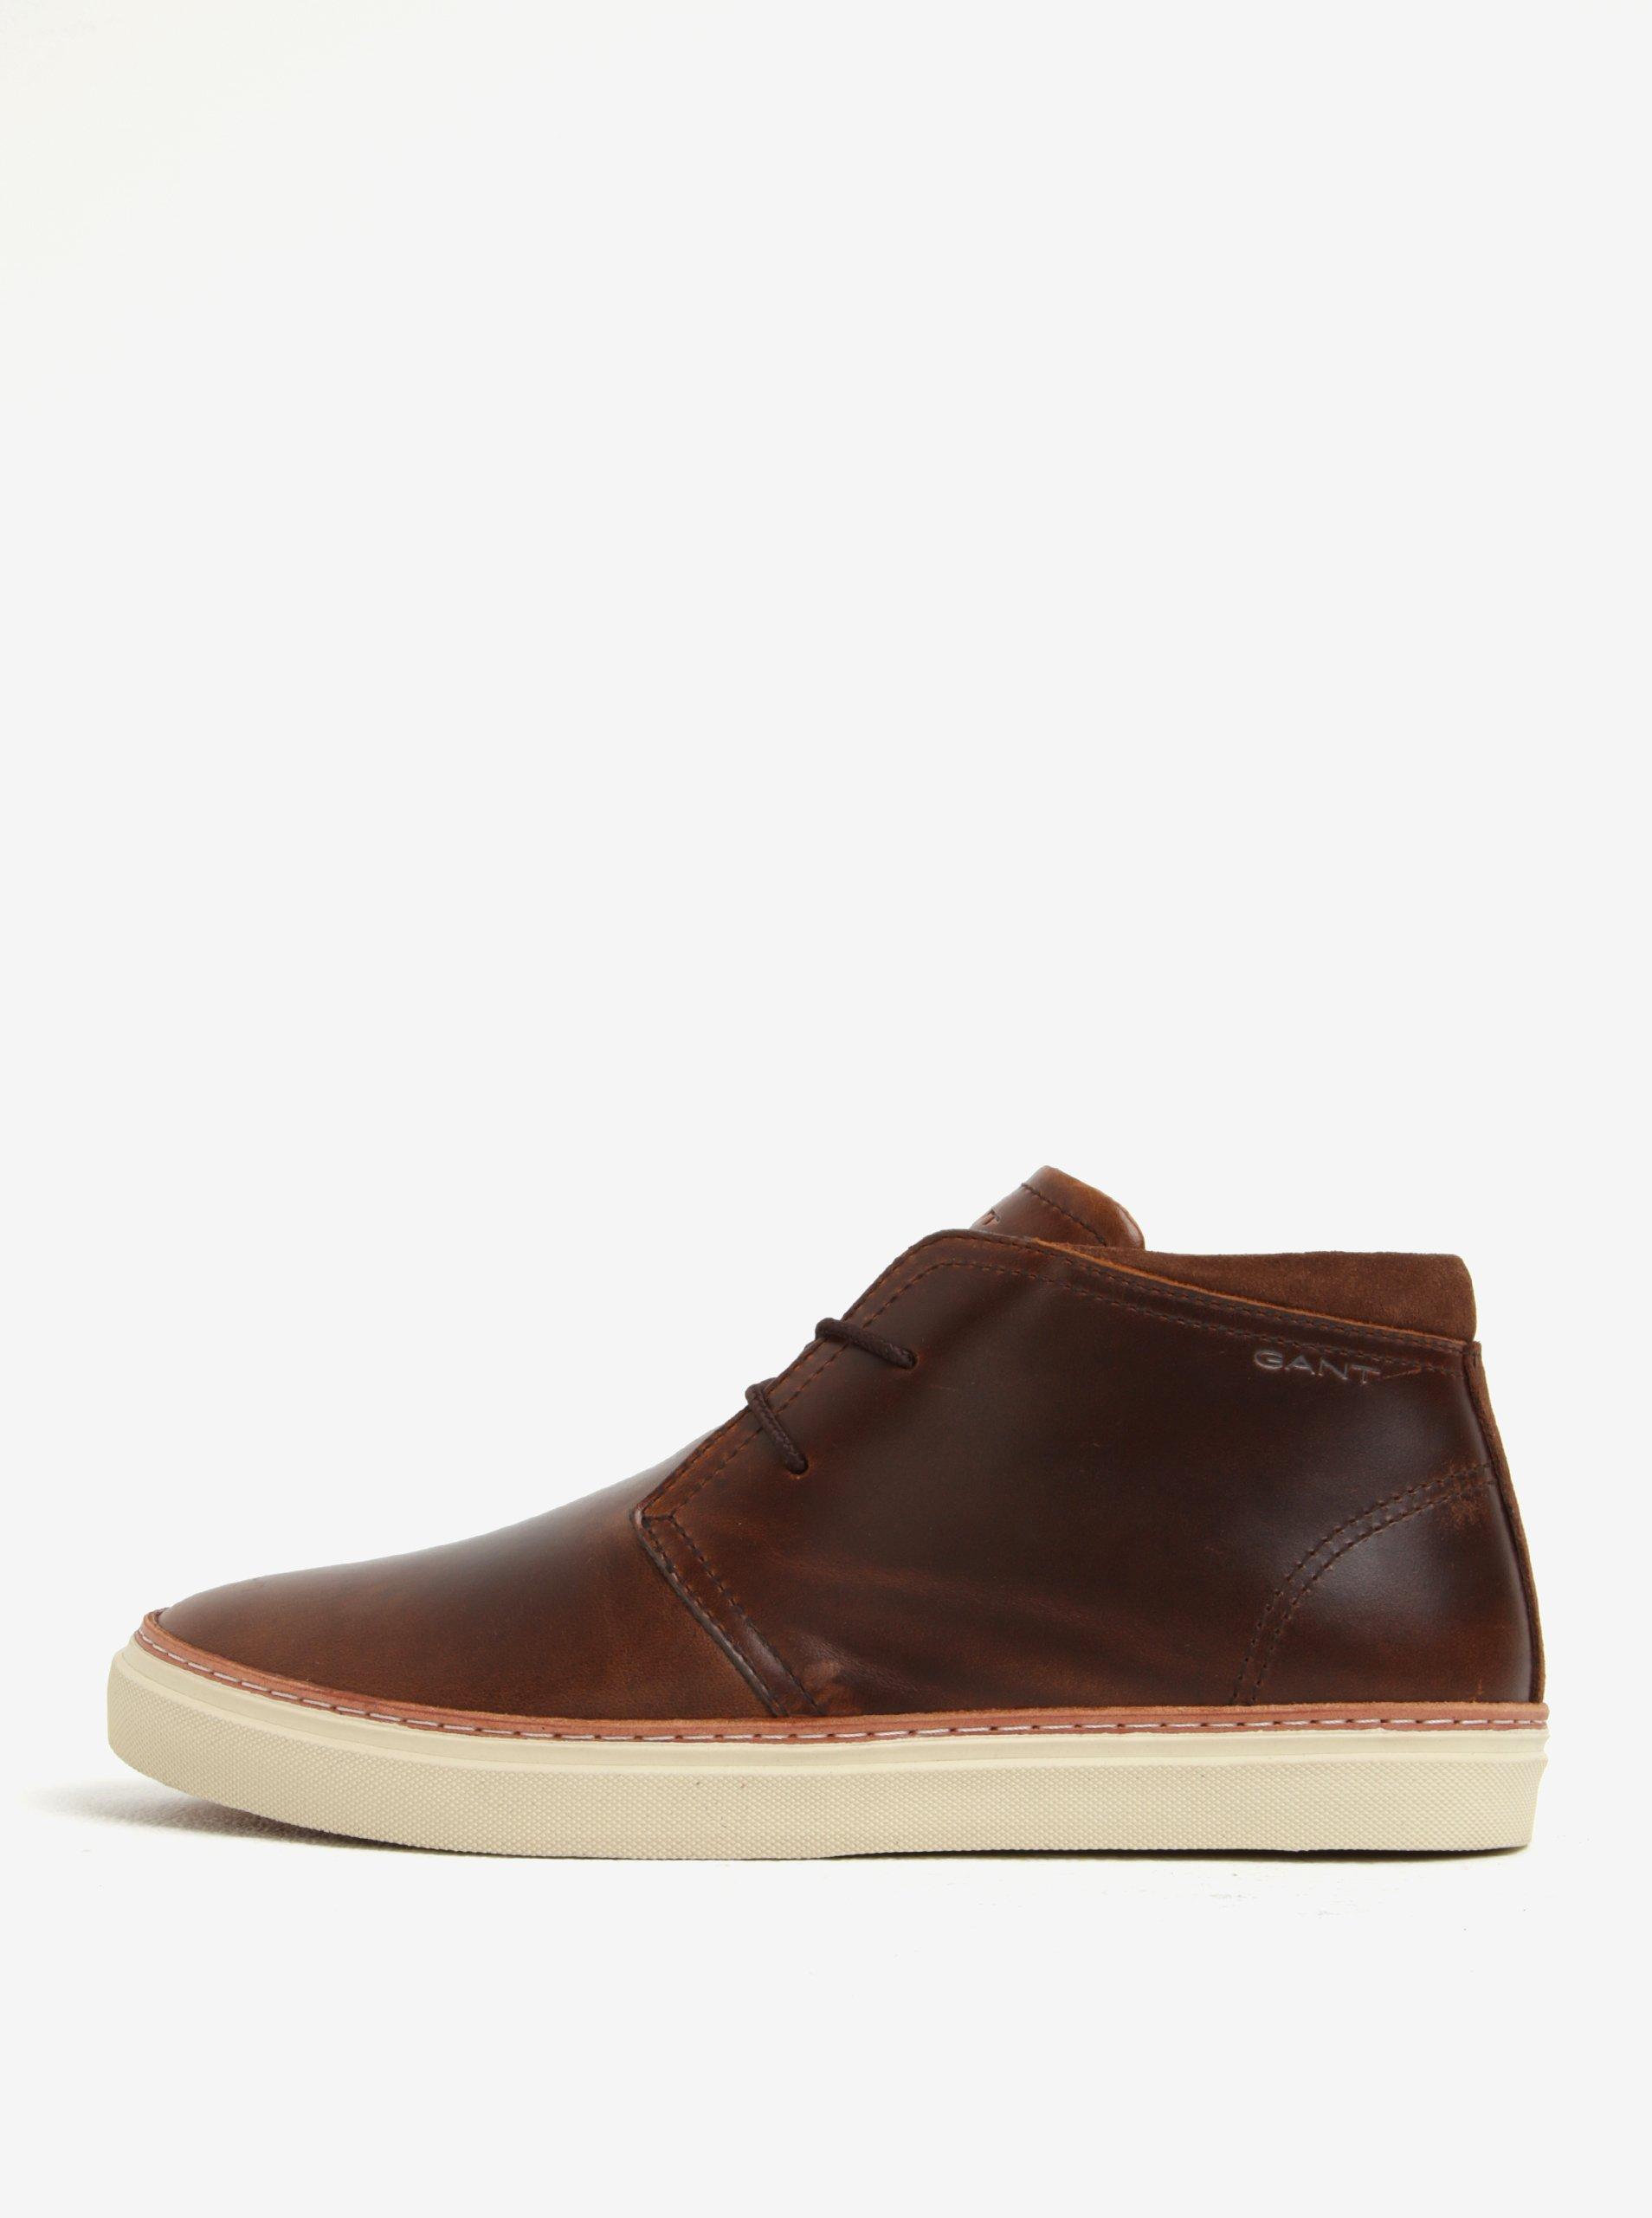 Hnědé pánské kožené kotníkové boty GANT Bari